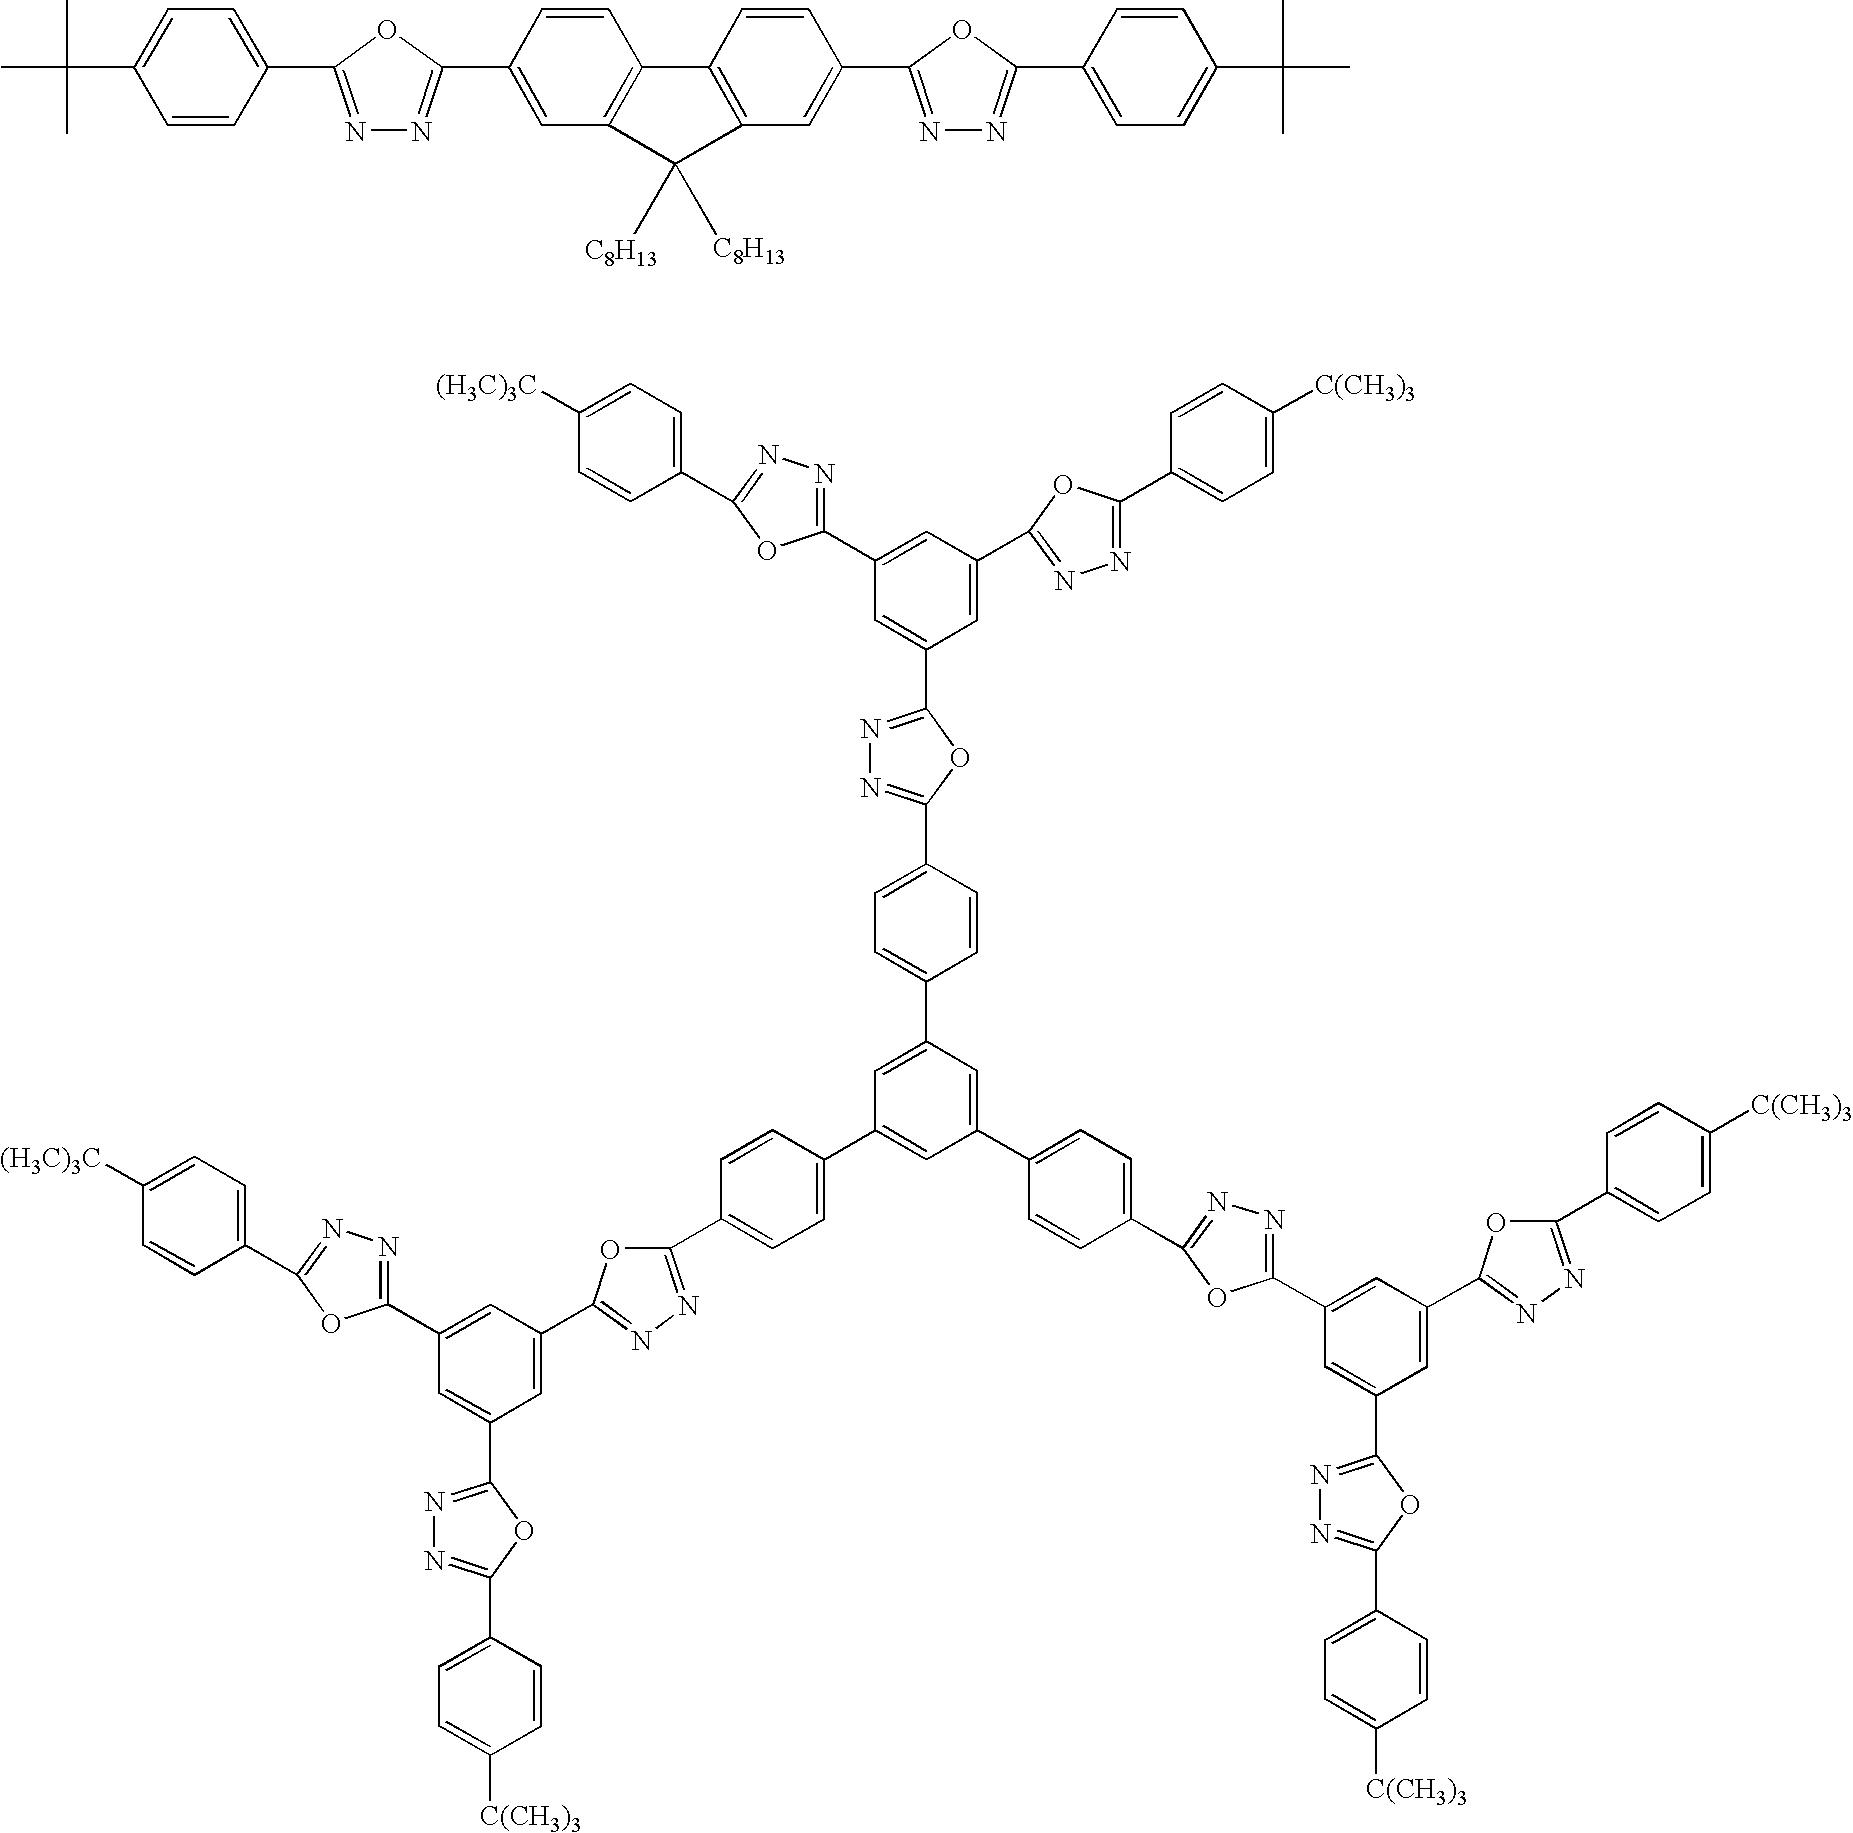 Figure US20090246664A1-20091001-C00006